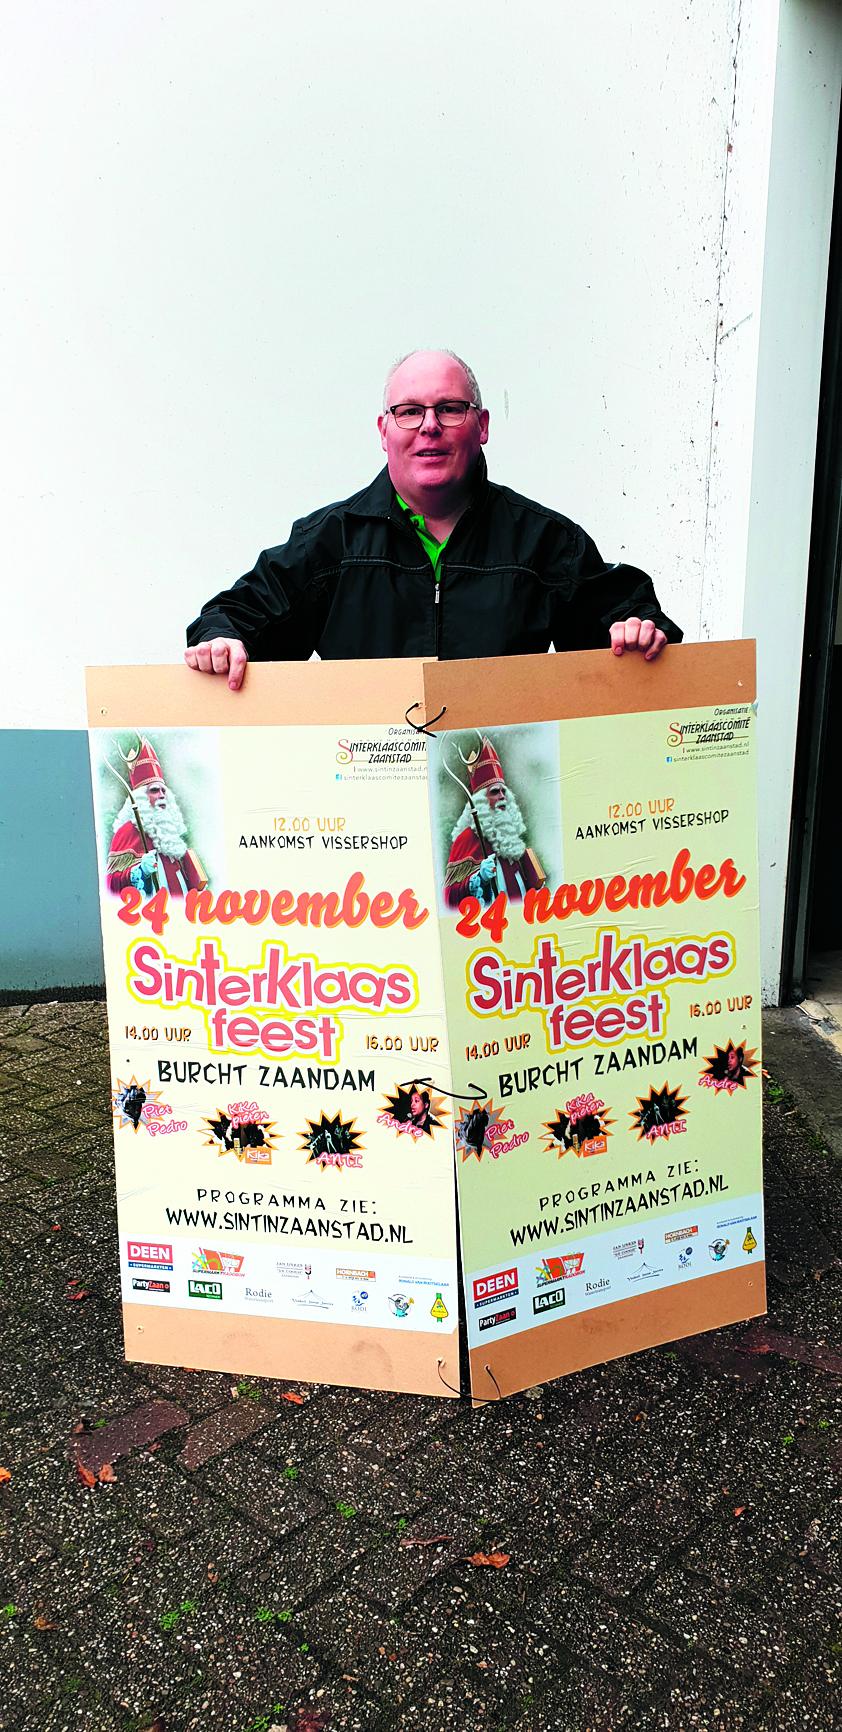 Organisator en voorzitter scz druk met ophangen van de posters. (Foto: aangeleverd)